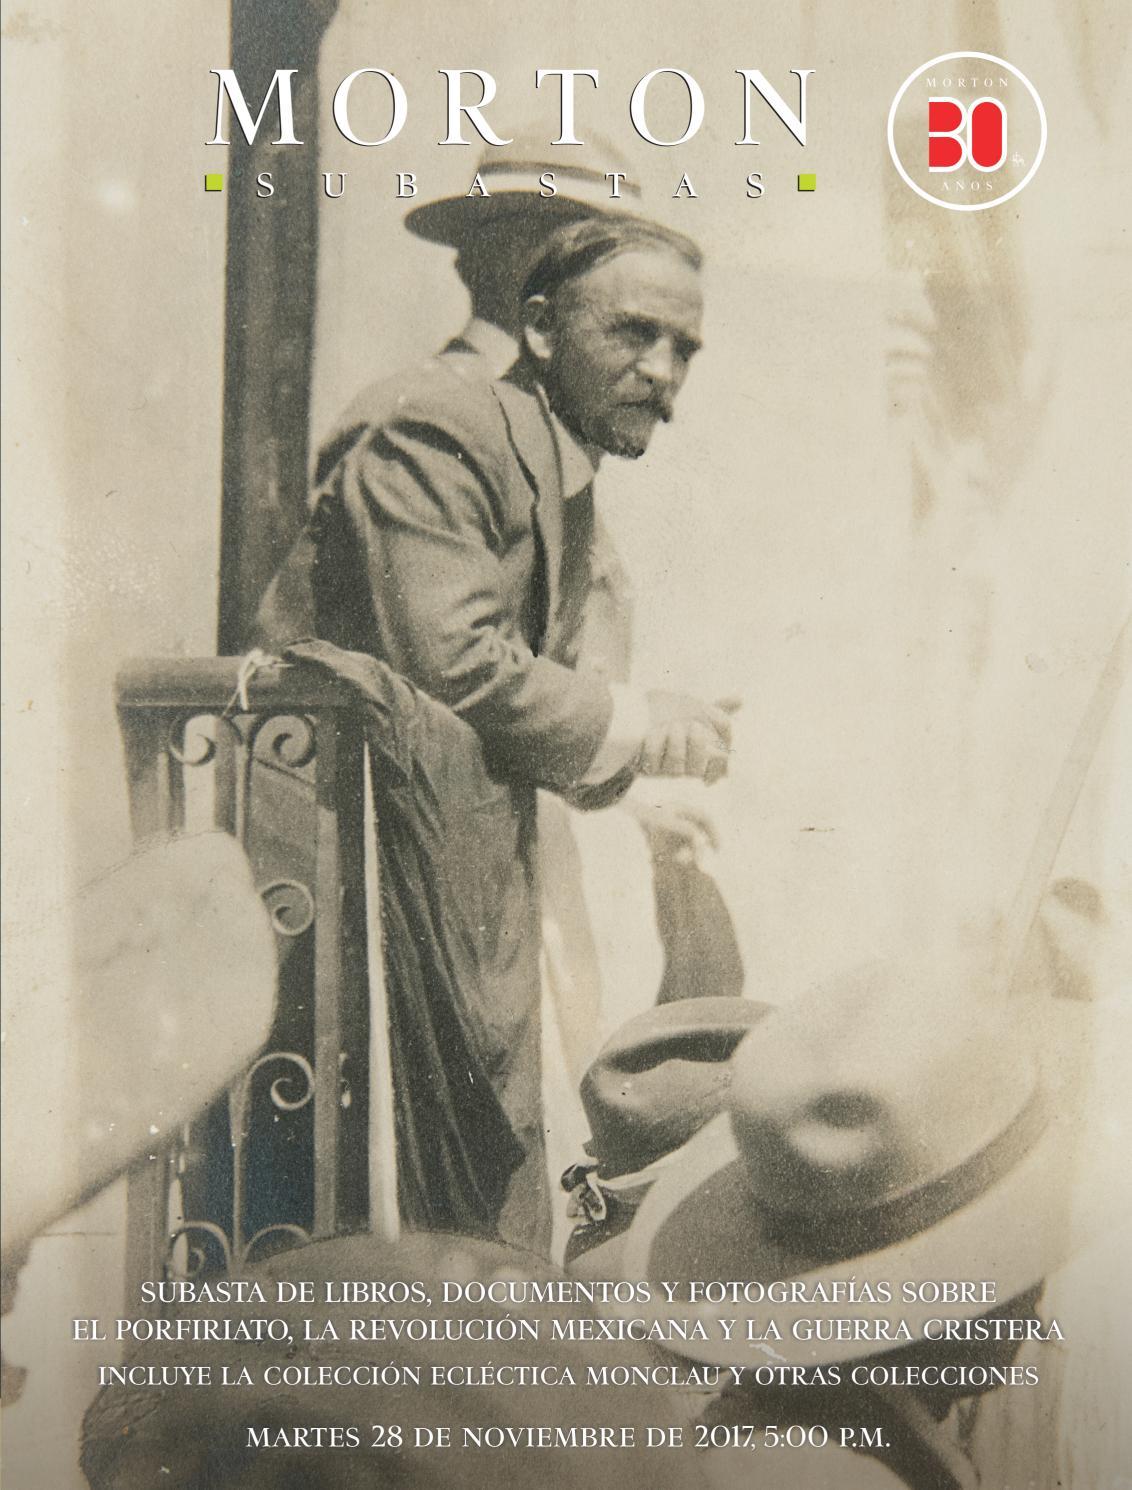 Libros Documentos Y Fotografías By Morton Subastas Issuu